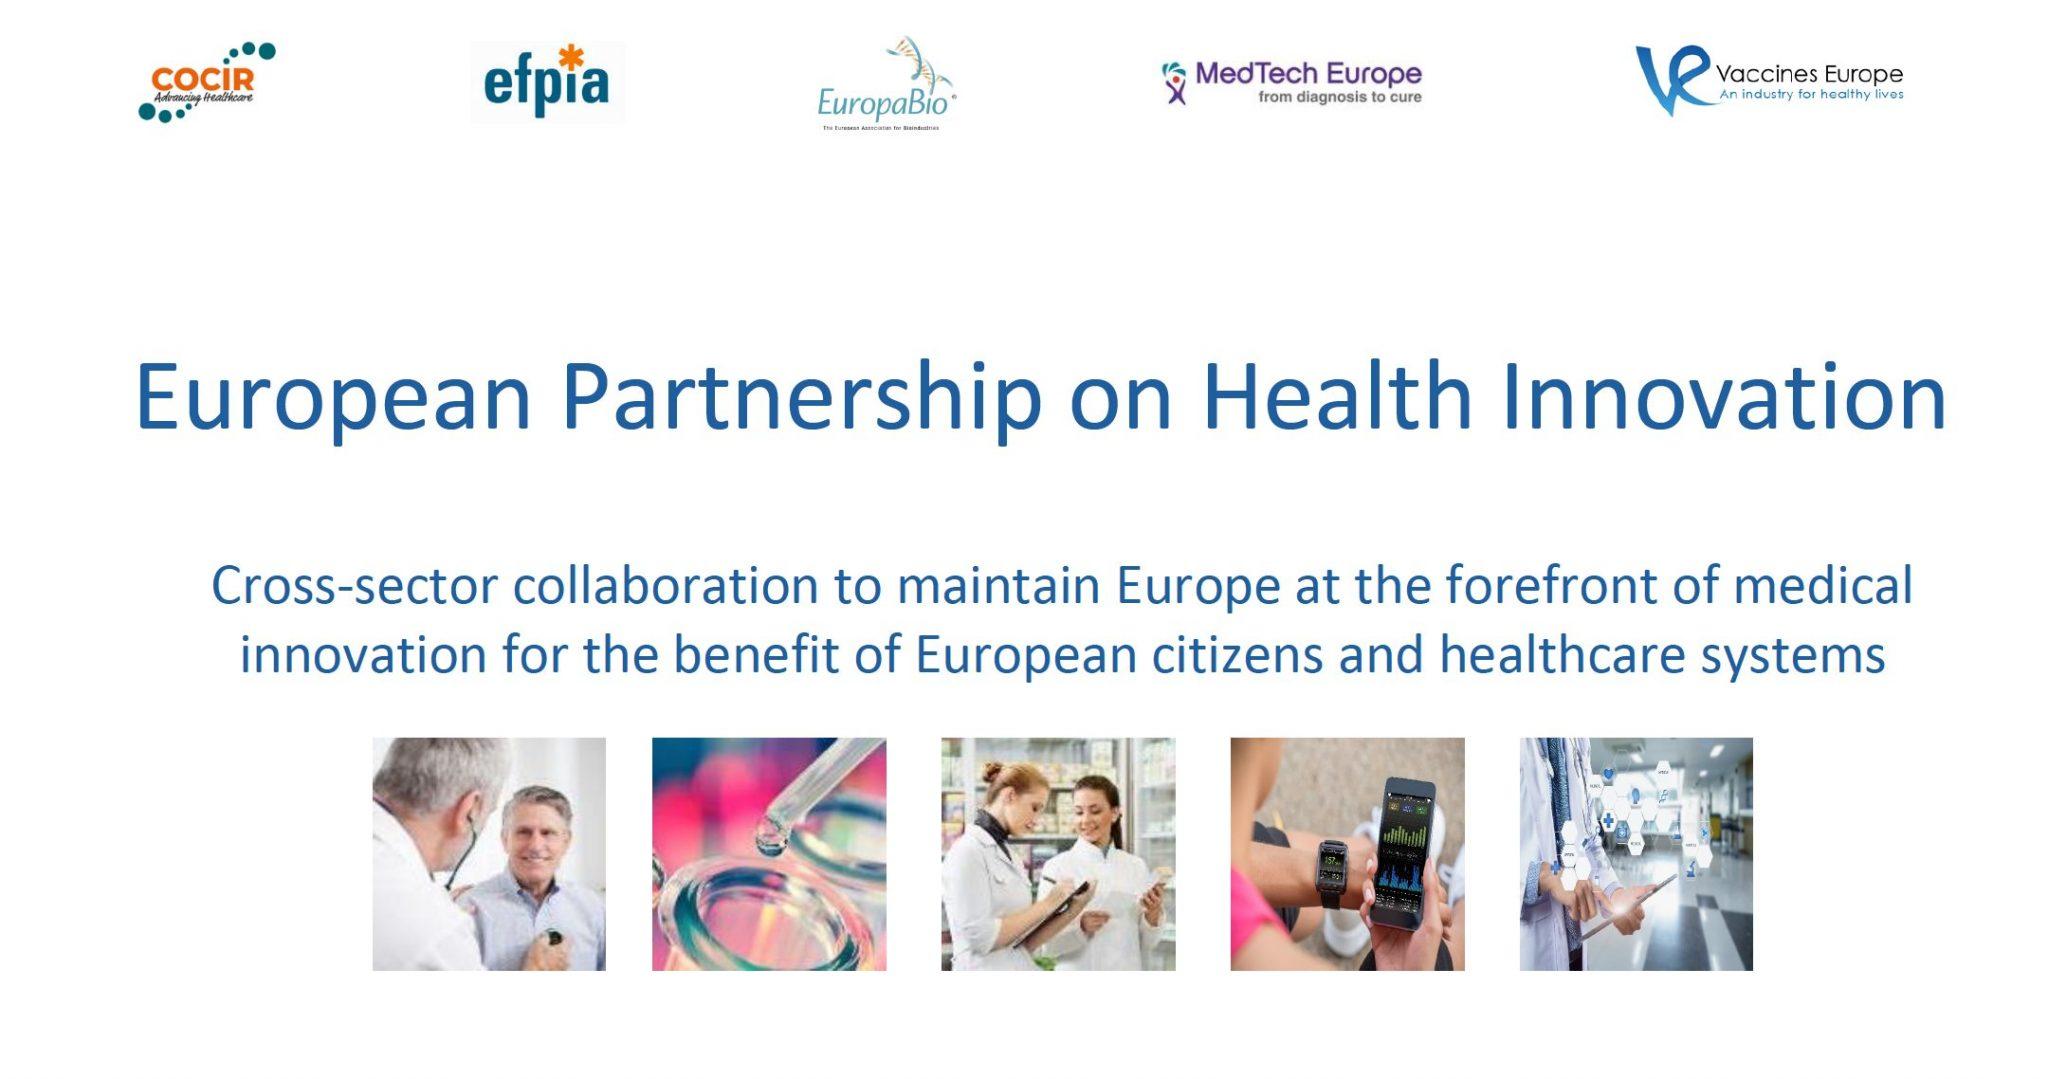 European Partnership on Health Innovation PPP NOBEL ETPN EFPIA COCIR Europa Bio MedTech Europe Vaccines